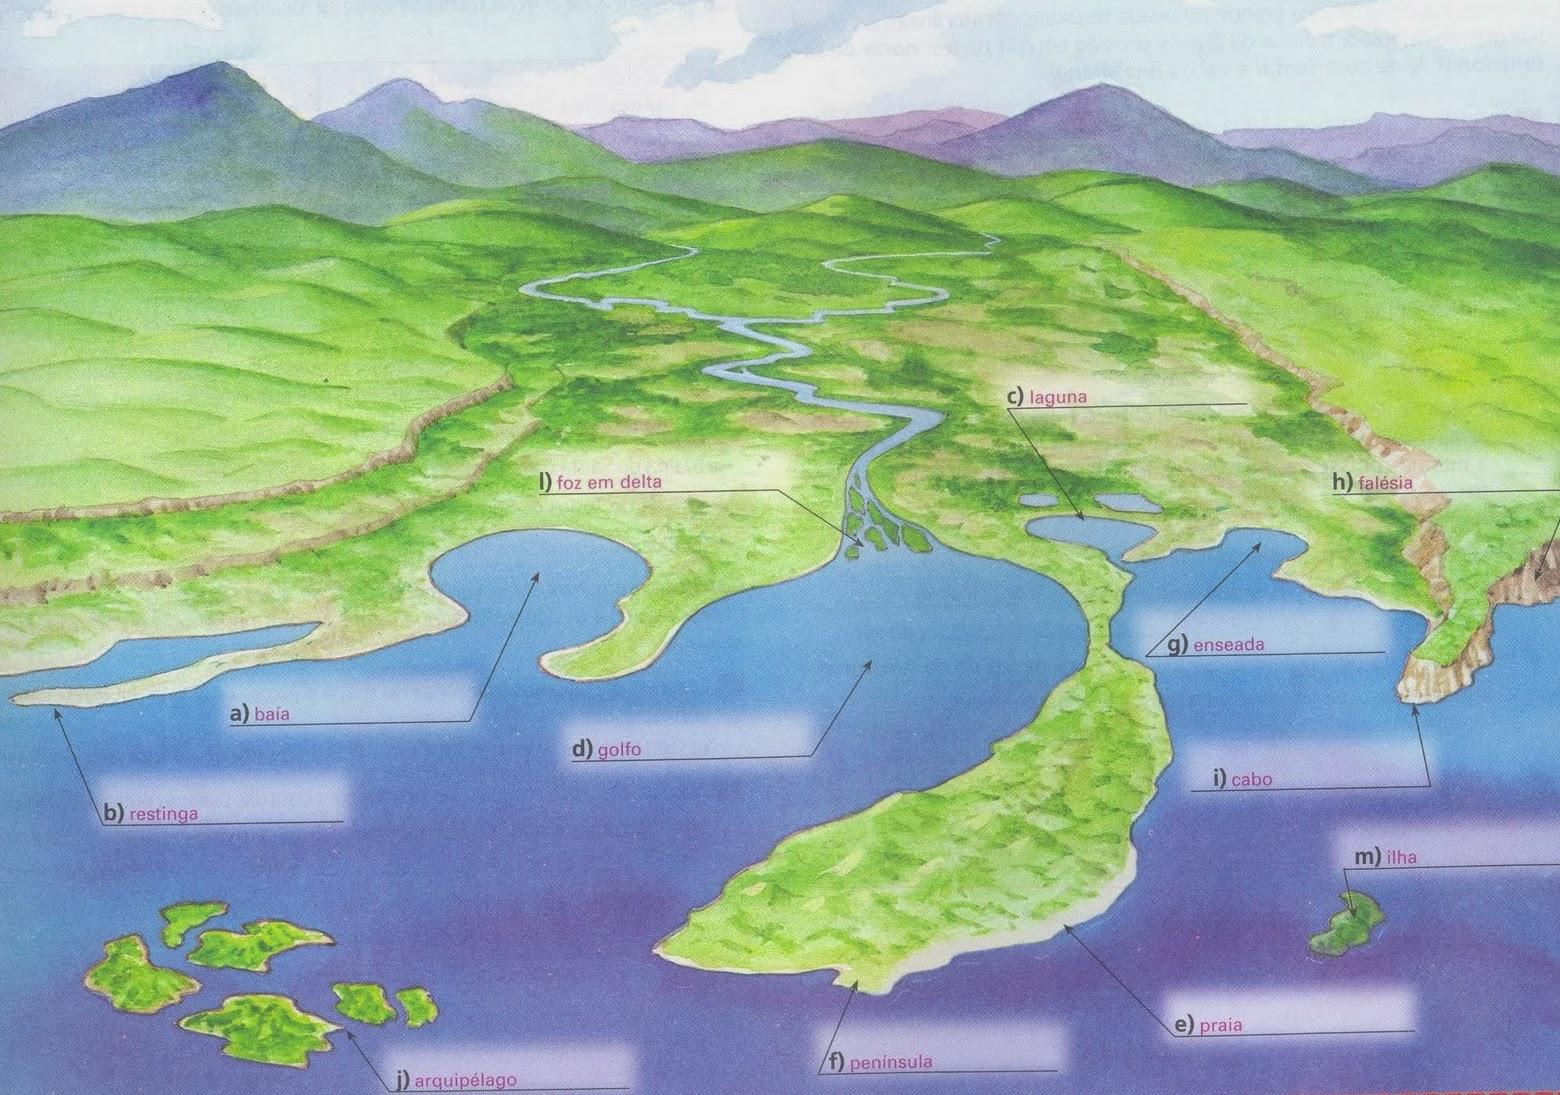 Golfo e Baía, Definições e Diferenças Entre Golfos e Baías